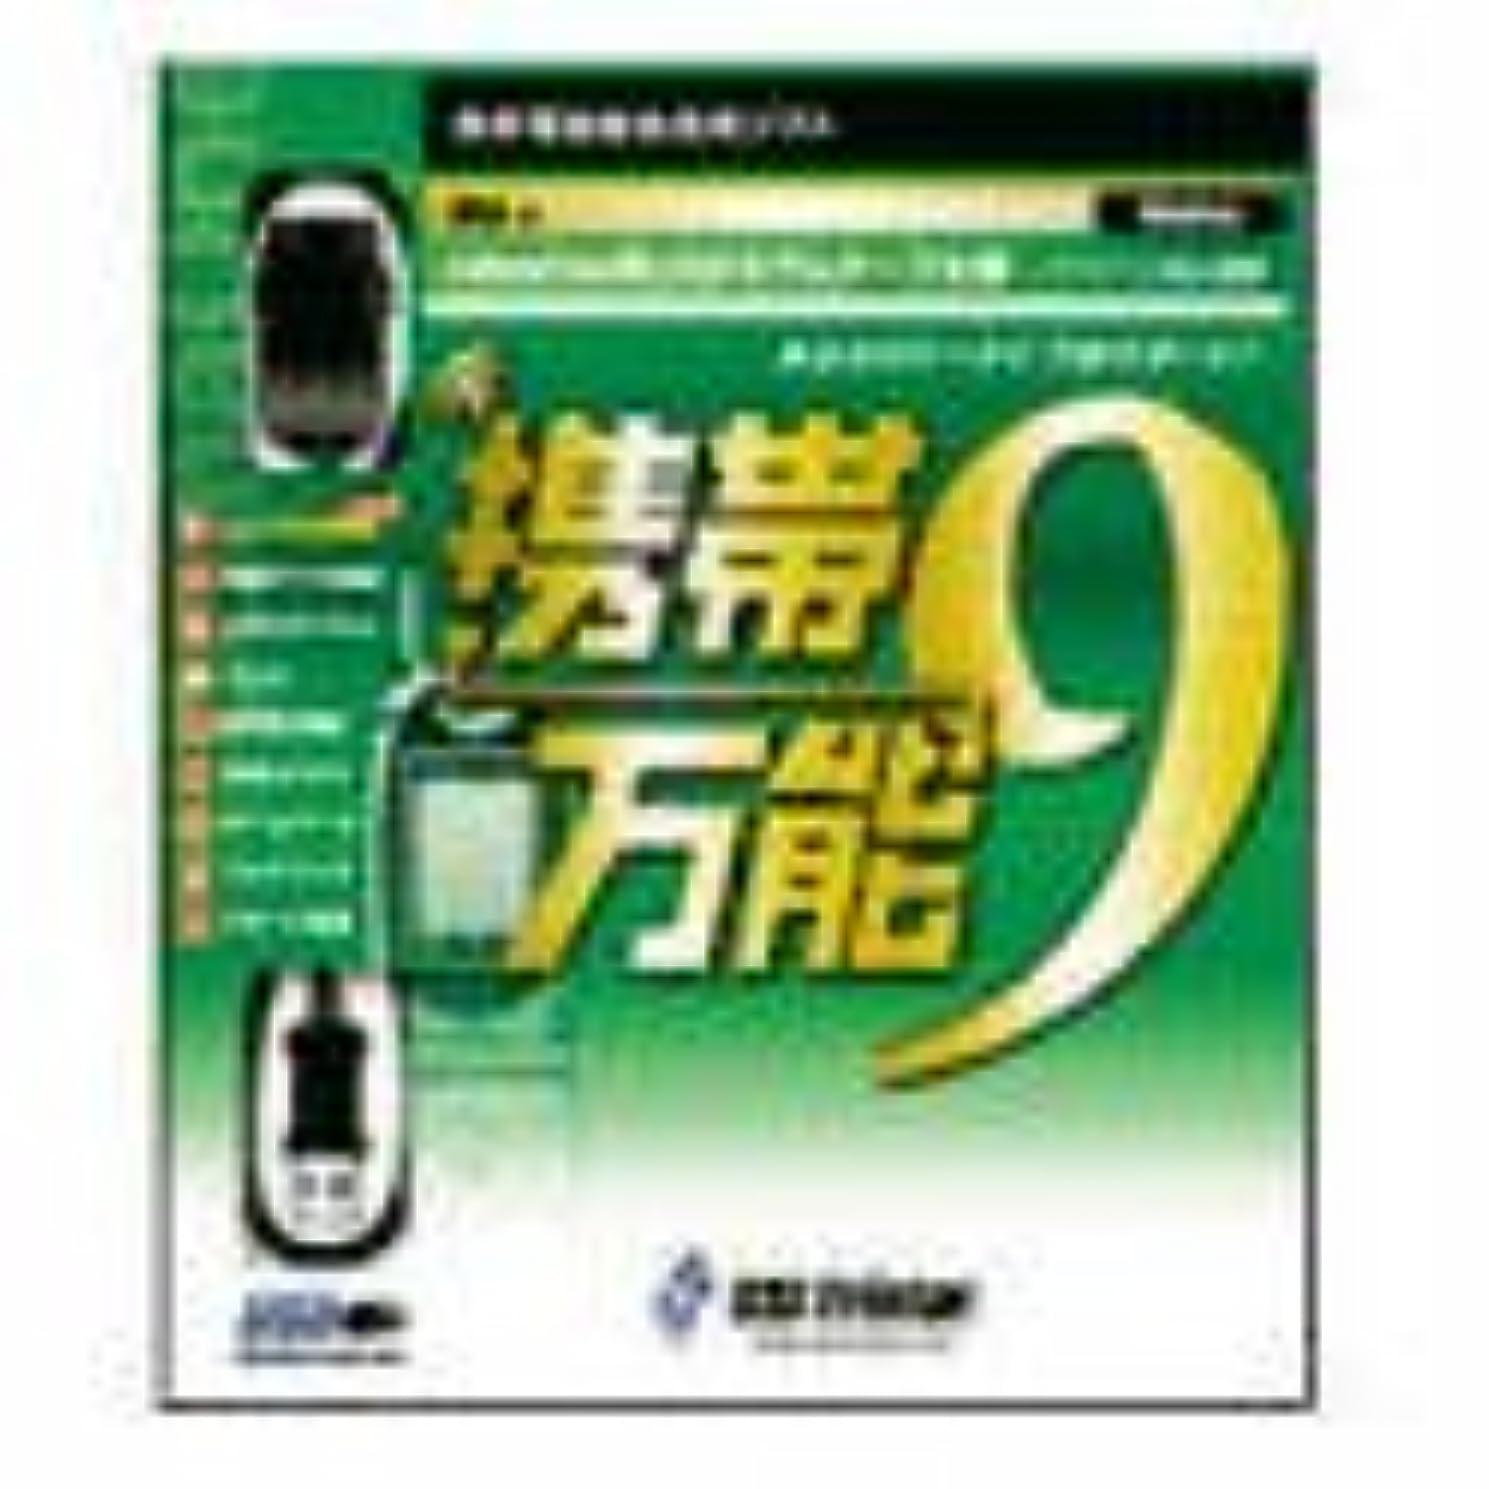 旧正月乱暴な酔った携帯万能 9 cdmaOne用USBモデムケーブル付き 特別キャンペーン